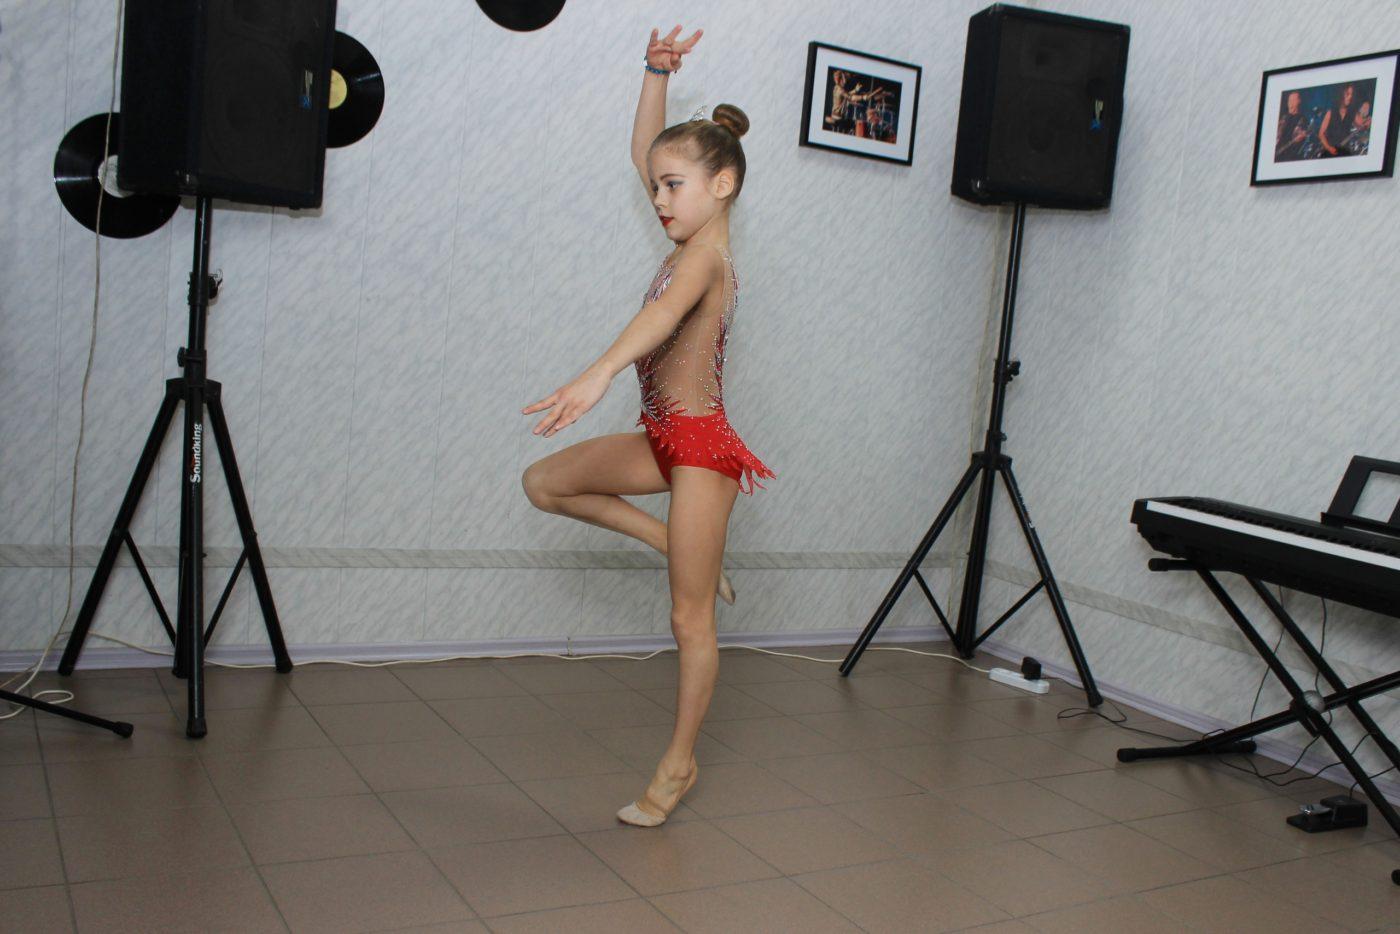 Квартирник 26.10.2019 «Всероссийский день гимнастики»